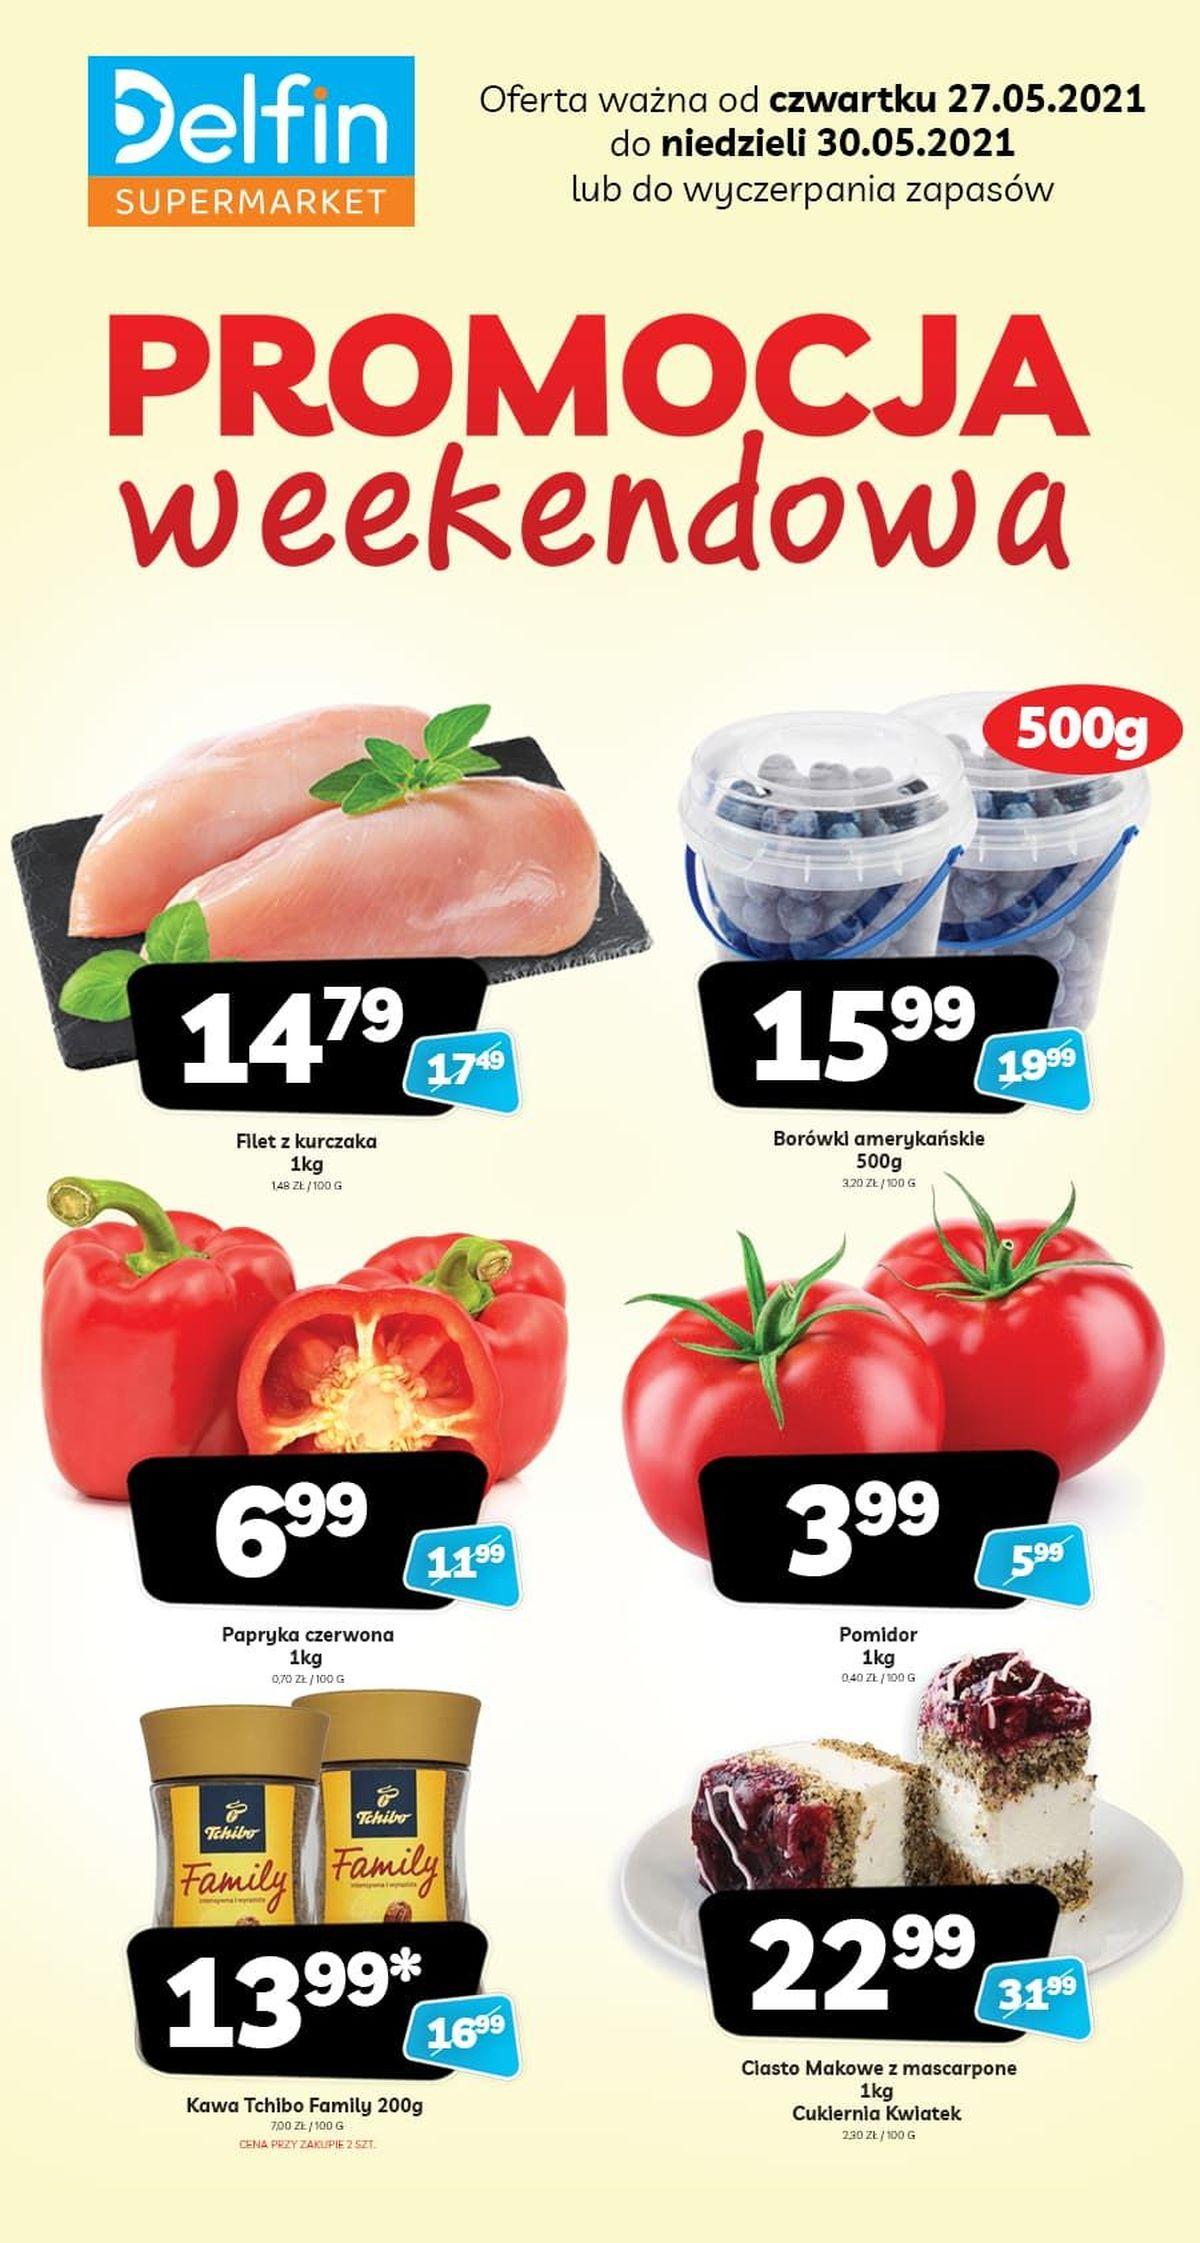 Weekendowe promocje w sklepach Delfin. 27-30 maja